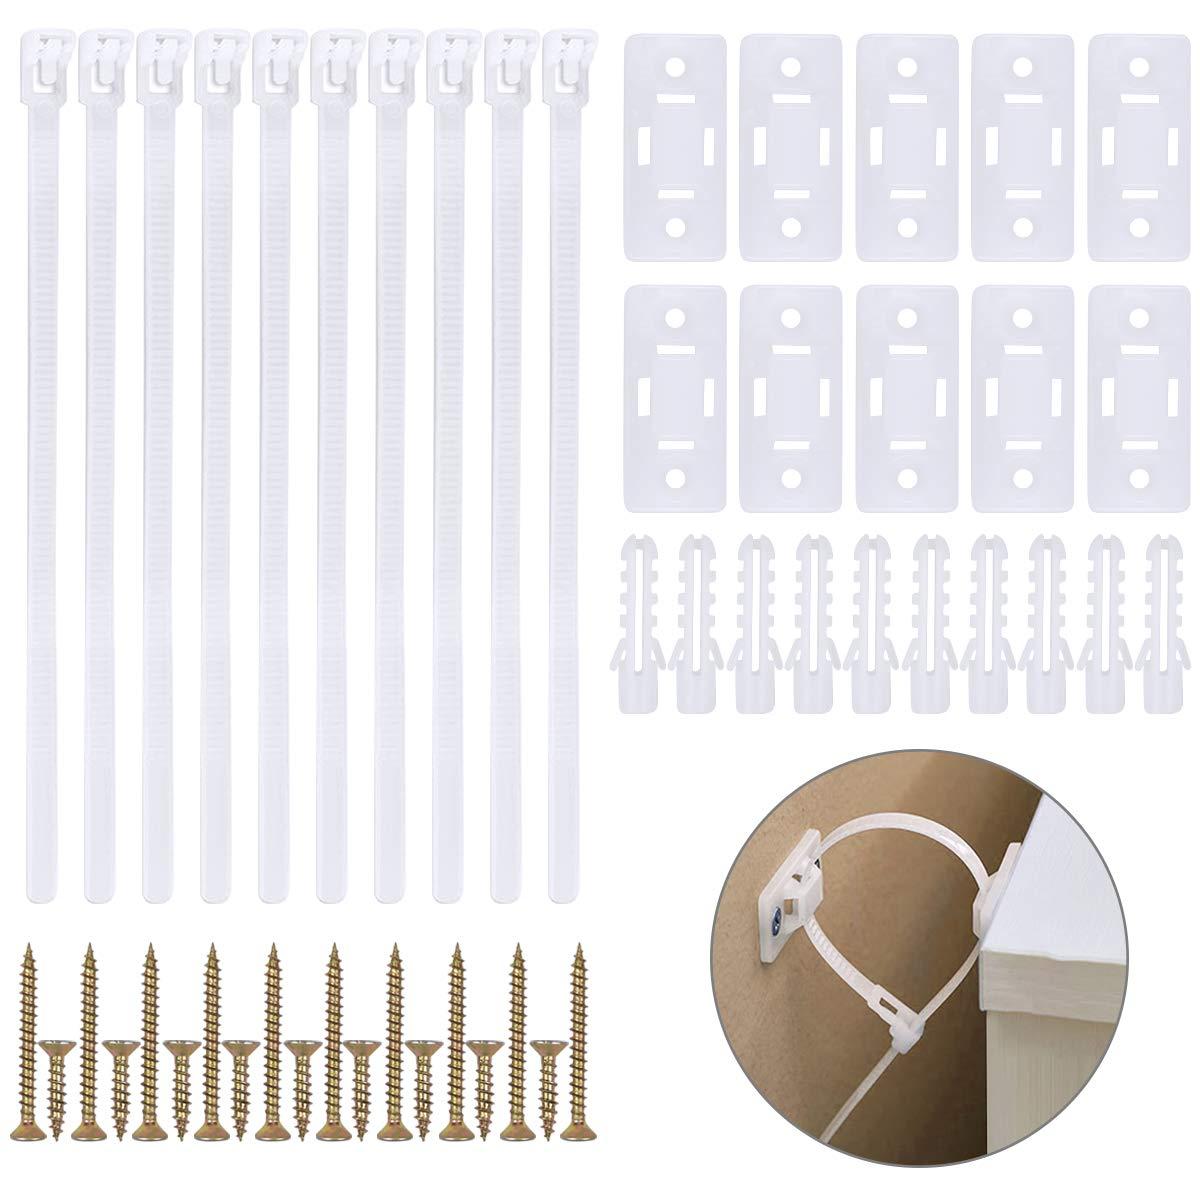 10 Sets Anti-Kipp-M/öbelgurt Nylon M/öbel Straps Kippschutz f/ür M/öbel Wand Sicherheitsgurte f/ür Baby-Proofing /& Haustierschutz